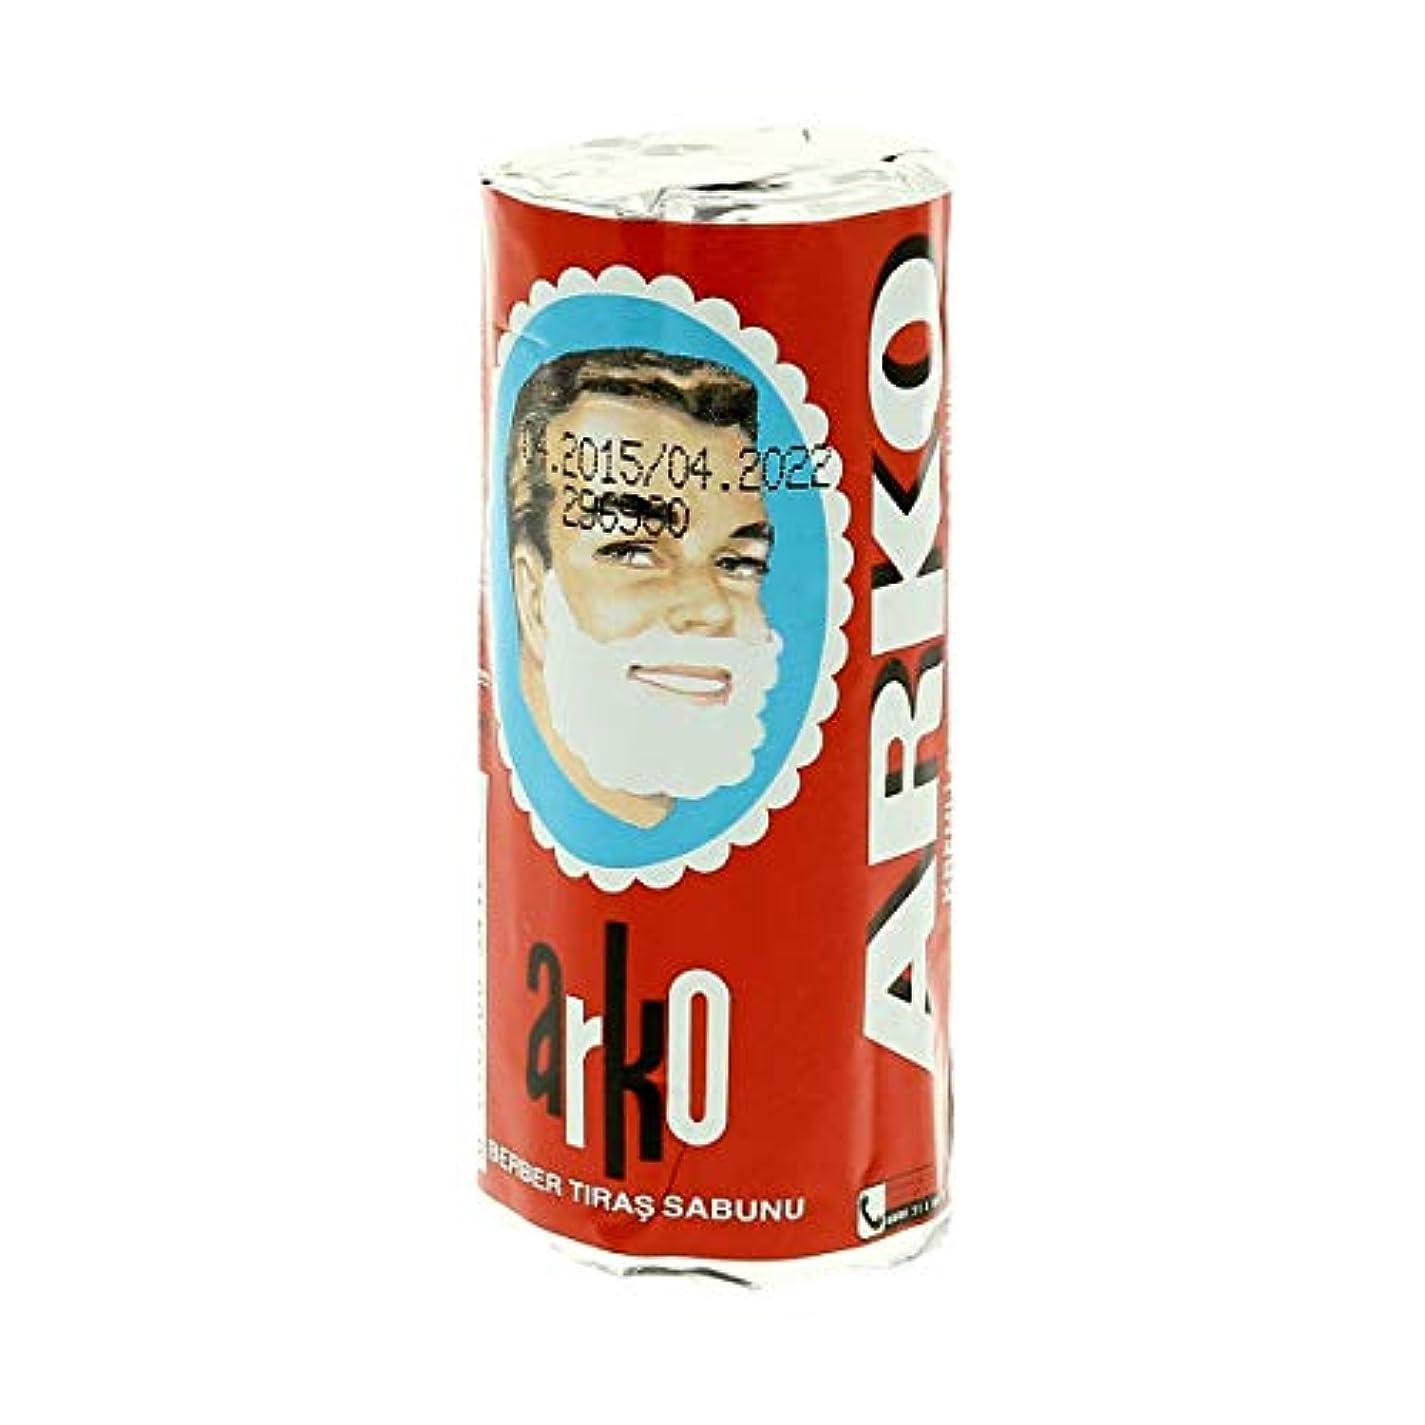 無駄だビーチ対話Arko アルコ シェービングクリームソープスティック75g[海外直送品]Arko Shaving Cream Soap Stick 75g [並行輸入品]